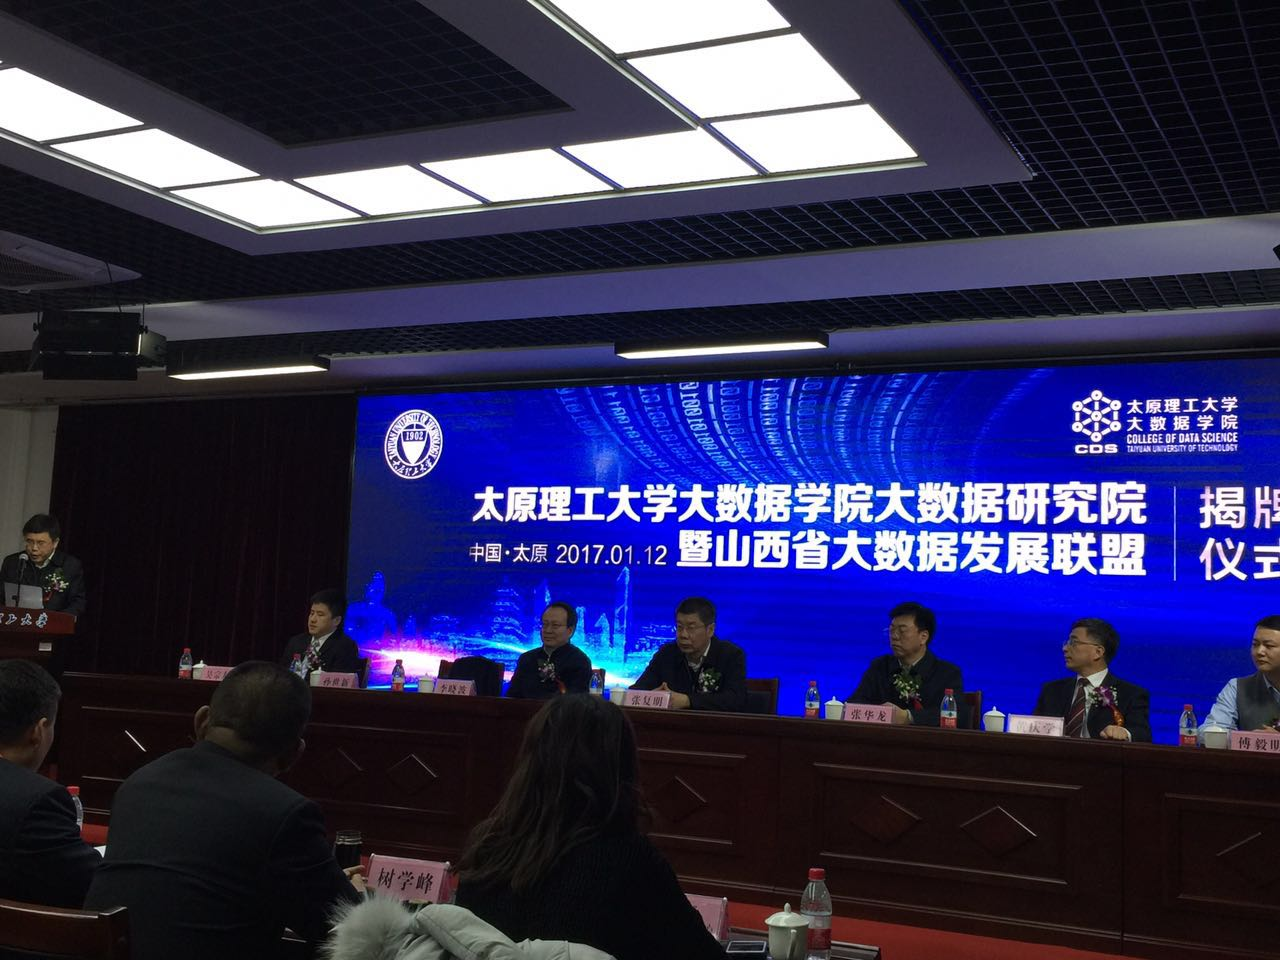 """数据中国""""百校工程"""" 曙光助力太原理工大学成立大数据学院"""